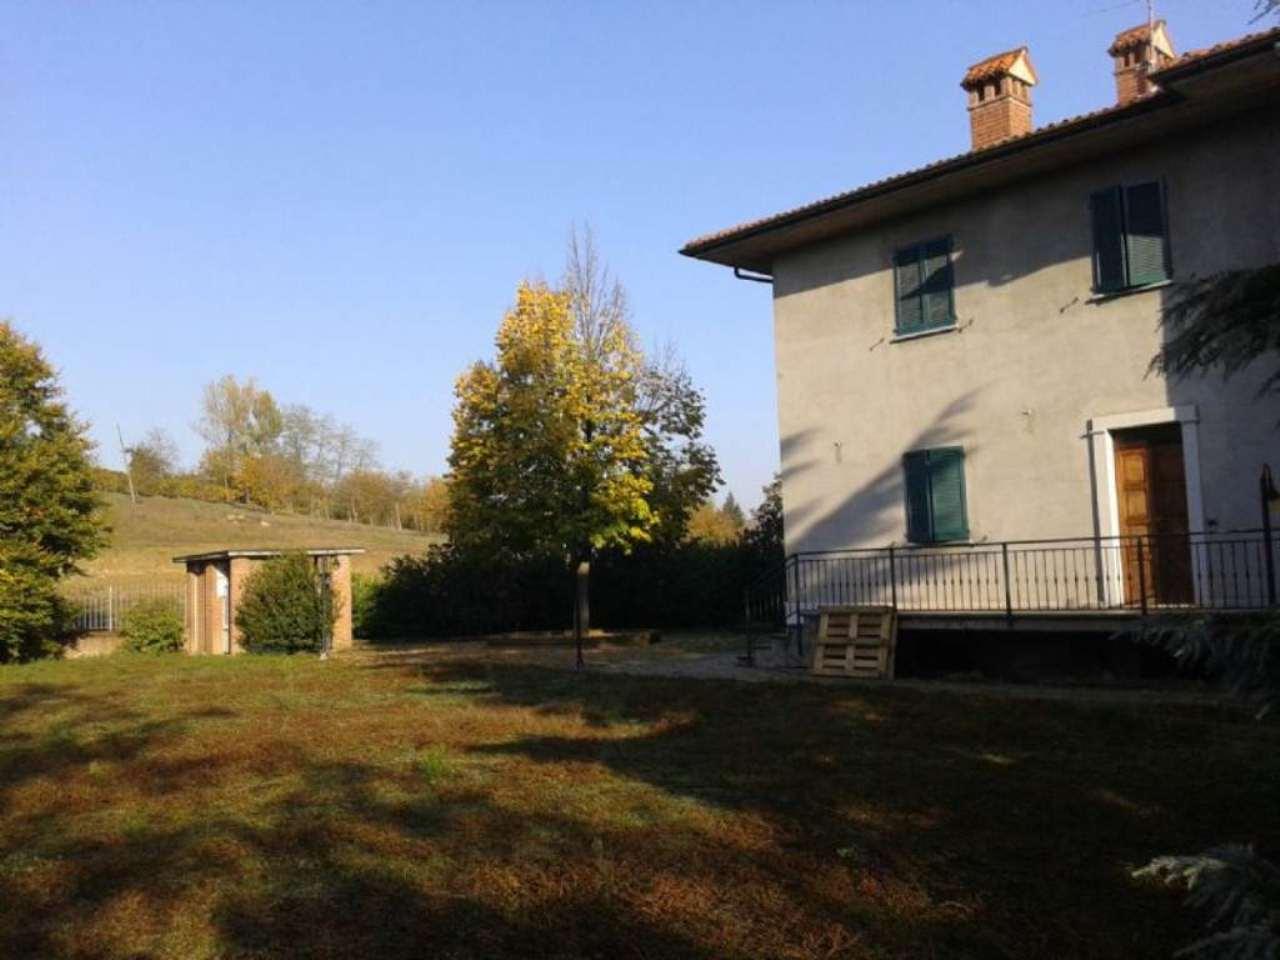 Villa in vendita a montu 39 beccaria via loglio di sotto 1 a for Piani di casa sotto 500 piedi quadrati